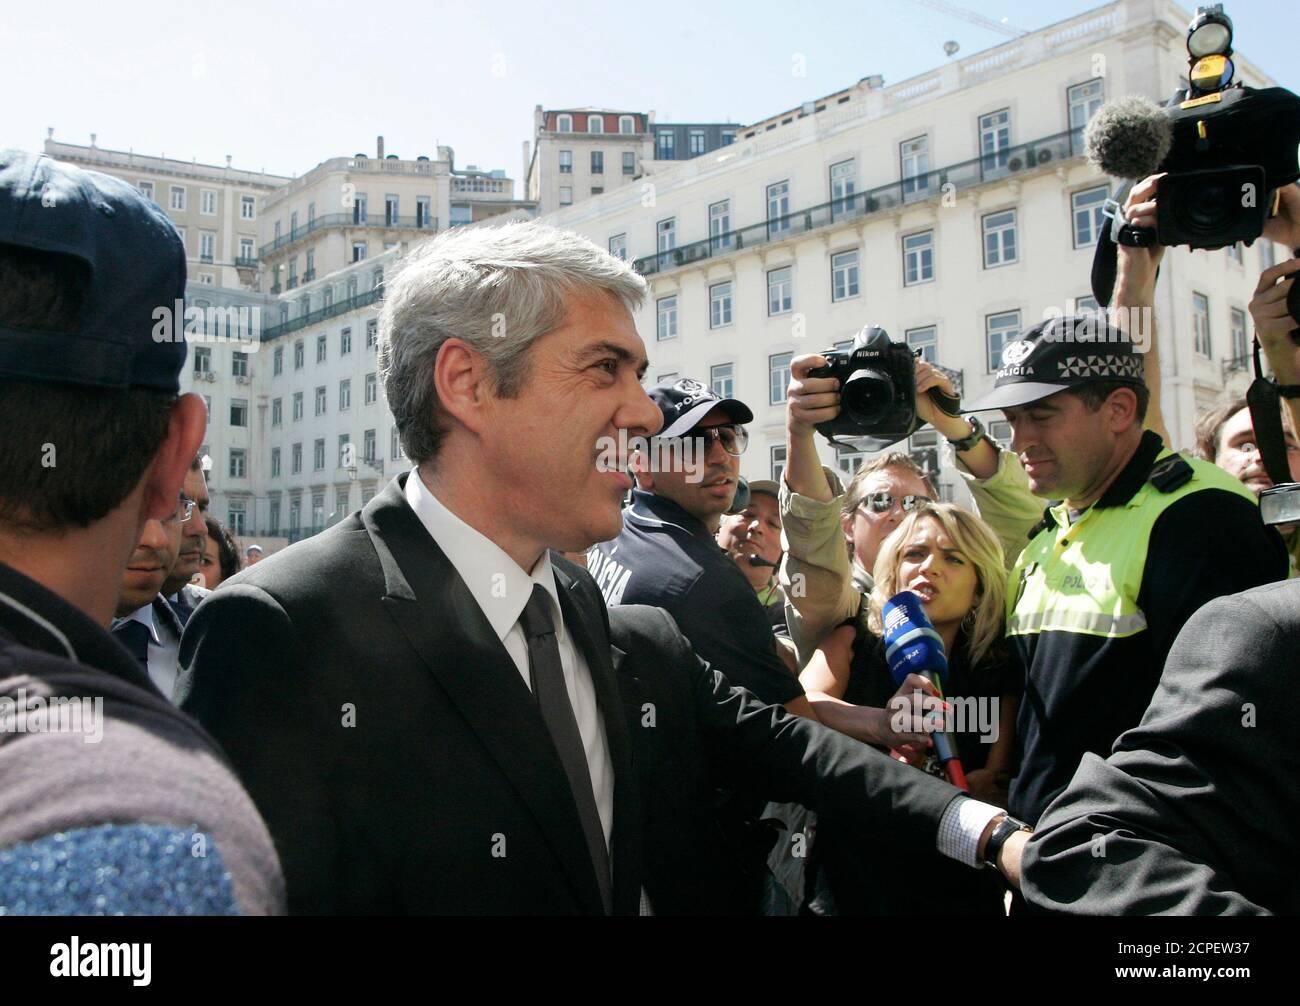 Le Premier ministre portugais José Socrates (C) arrive à la suite du prix Nobel de littérature portugais José Saramago à l'hôtel de ville de Lisbonne le 19 juin 2010. Saramago est mort dans sa maison sur l'île espagnole de Lanzarote, âgée de 87 ans, le 18 juin. REUTERS/Hugo Correia (PORTUGAL - Tags: SOCIÉTÉ POLITIQUE NÉCROLOGIQUE) Banque D'Images